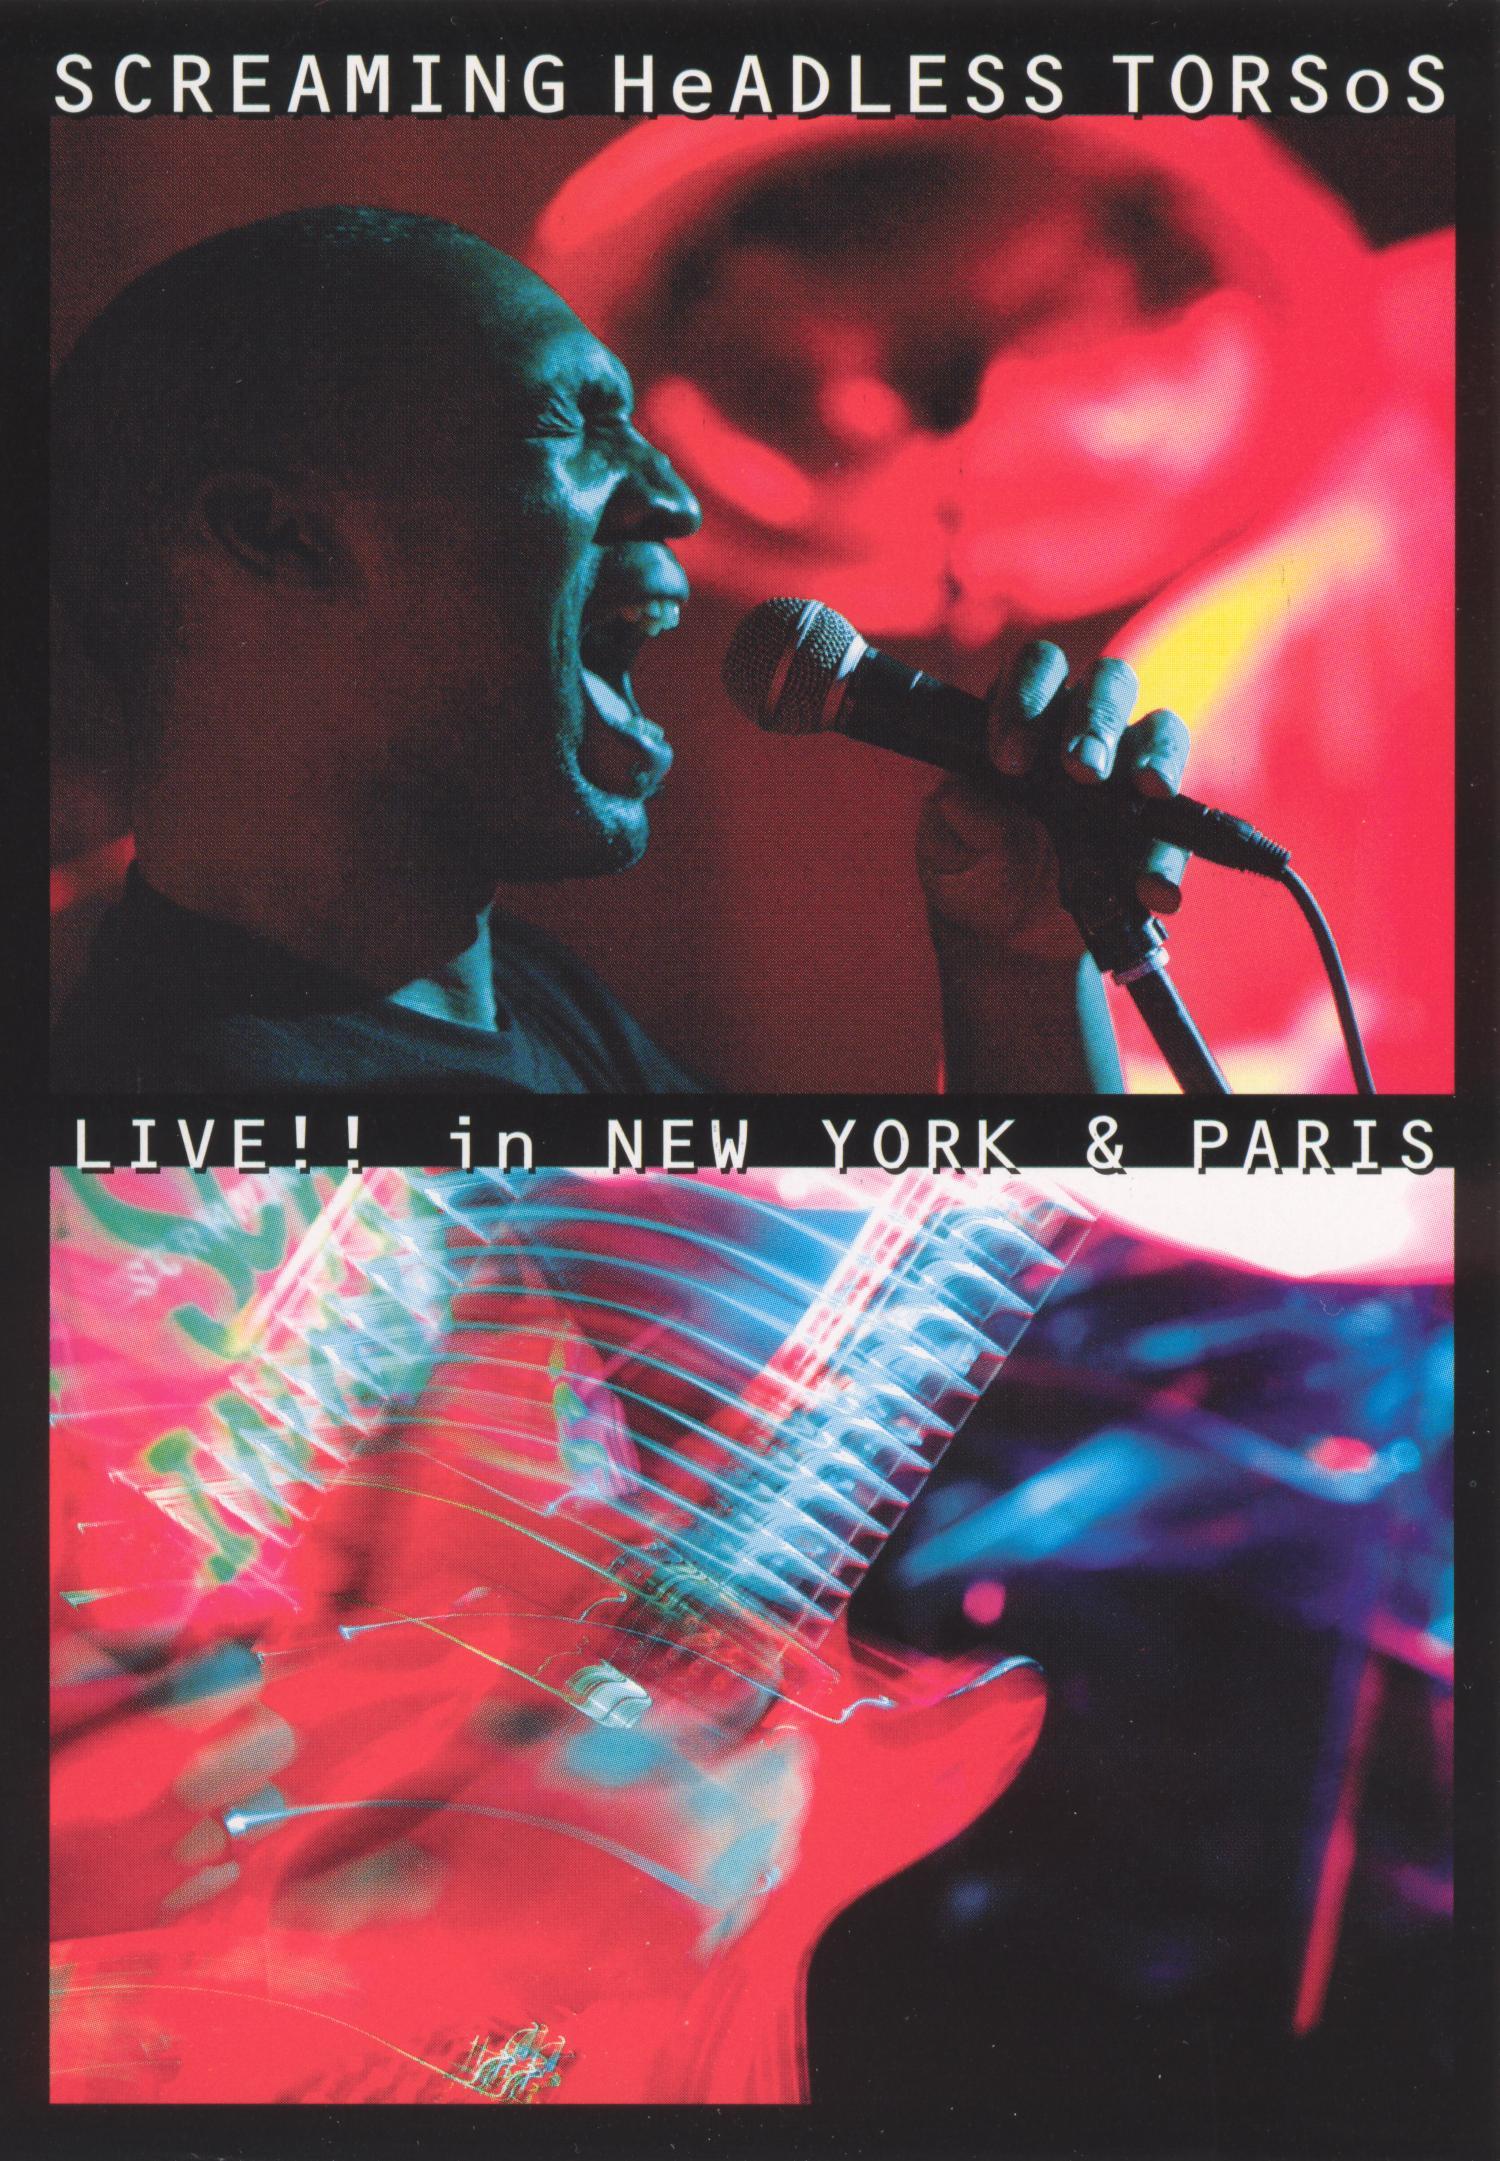 Screaming Headless Torsos: Live in New York and Paris